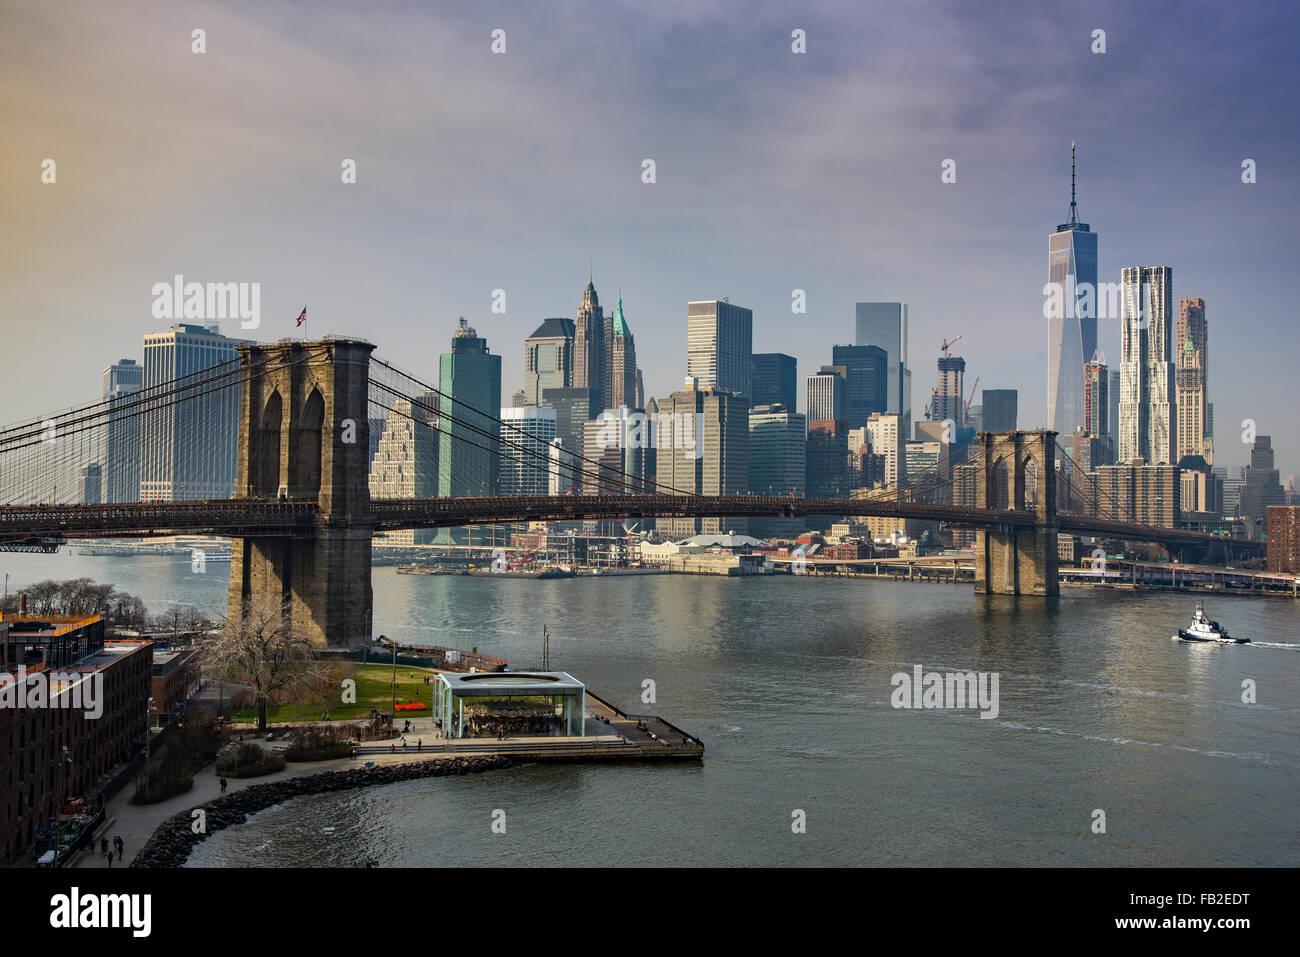 Ponte di Brooklyn e la parte inferiore dello skyline di Manhattan, New York, Stati Uniti d'America Foto Stock